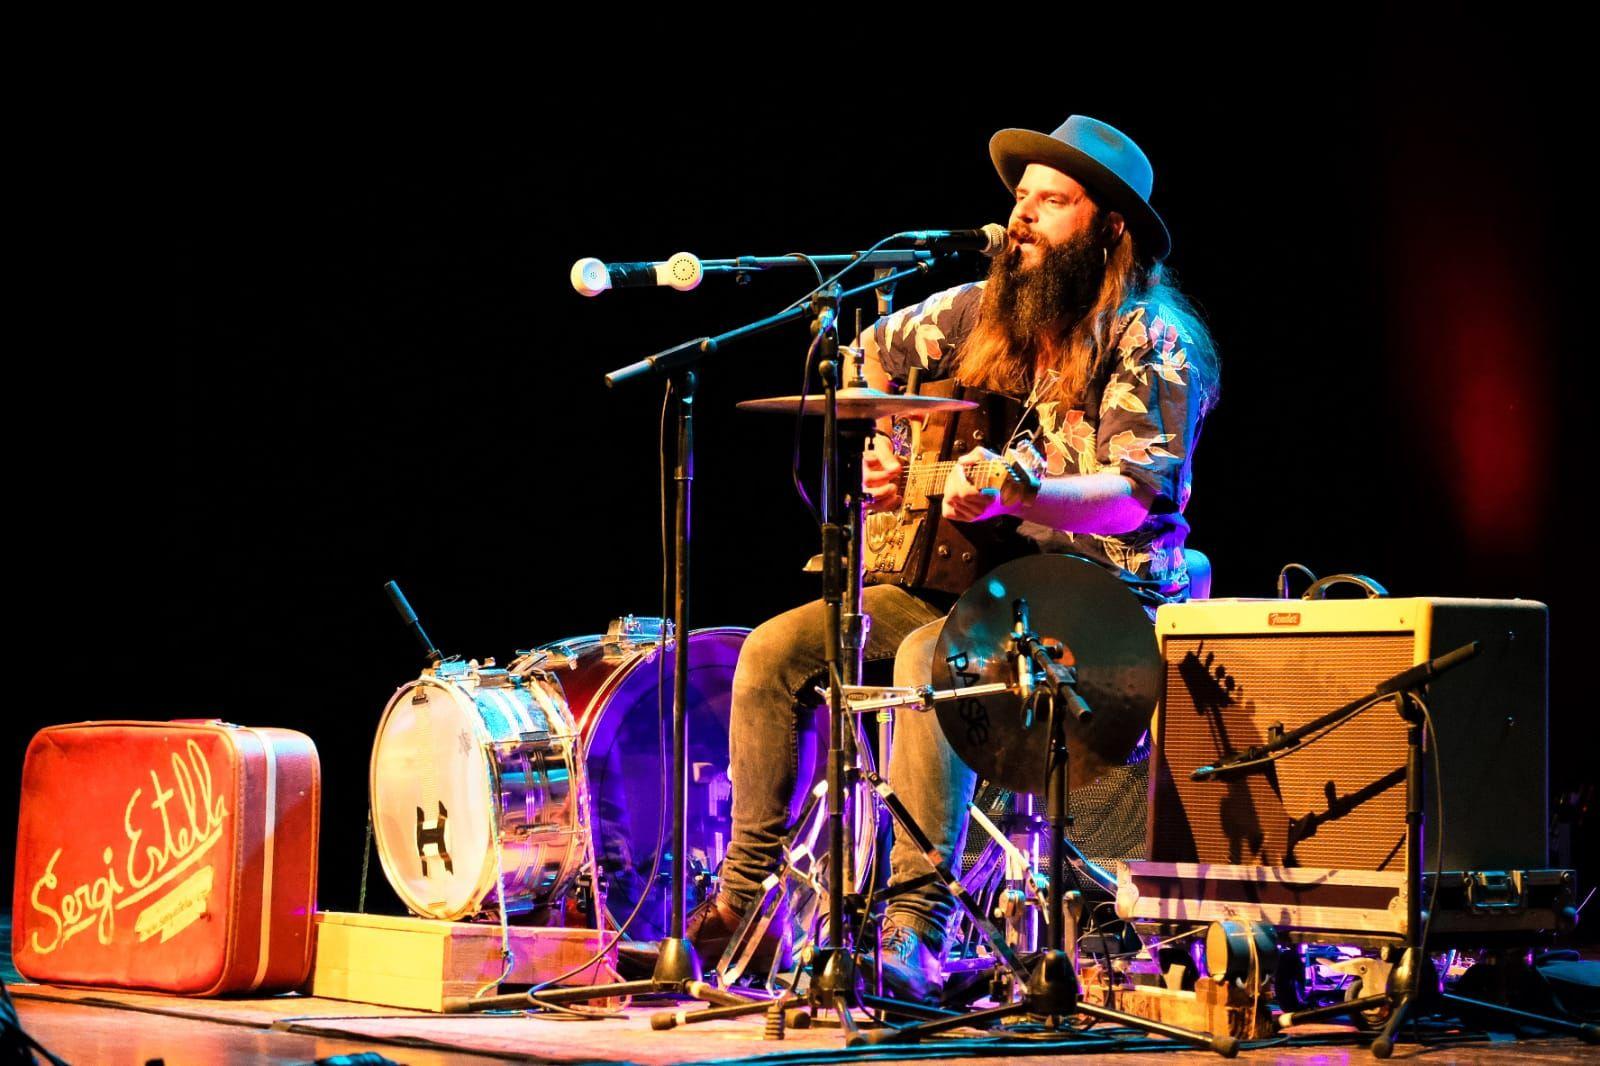 Sergi Estella actuant al Teatre Ateneu amb la seva guitarra-calaix 'handmade'. FOTO: Ale Gómez